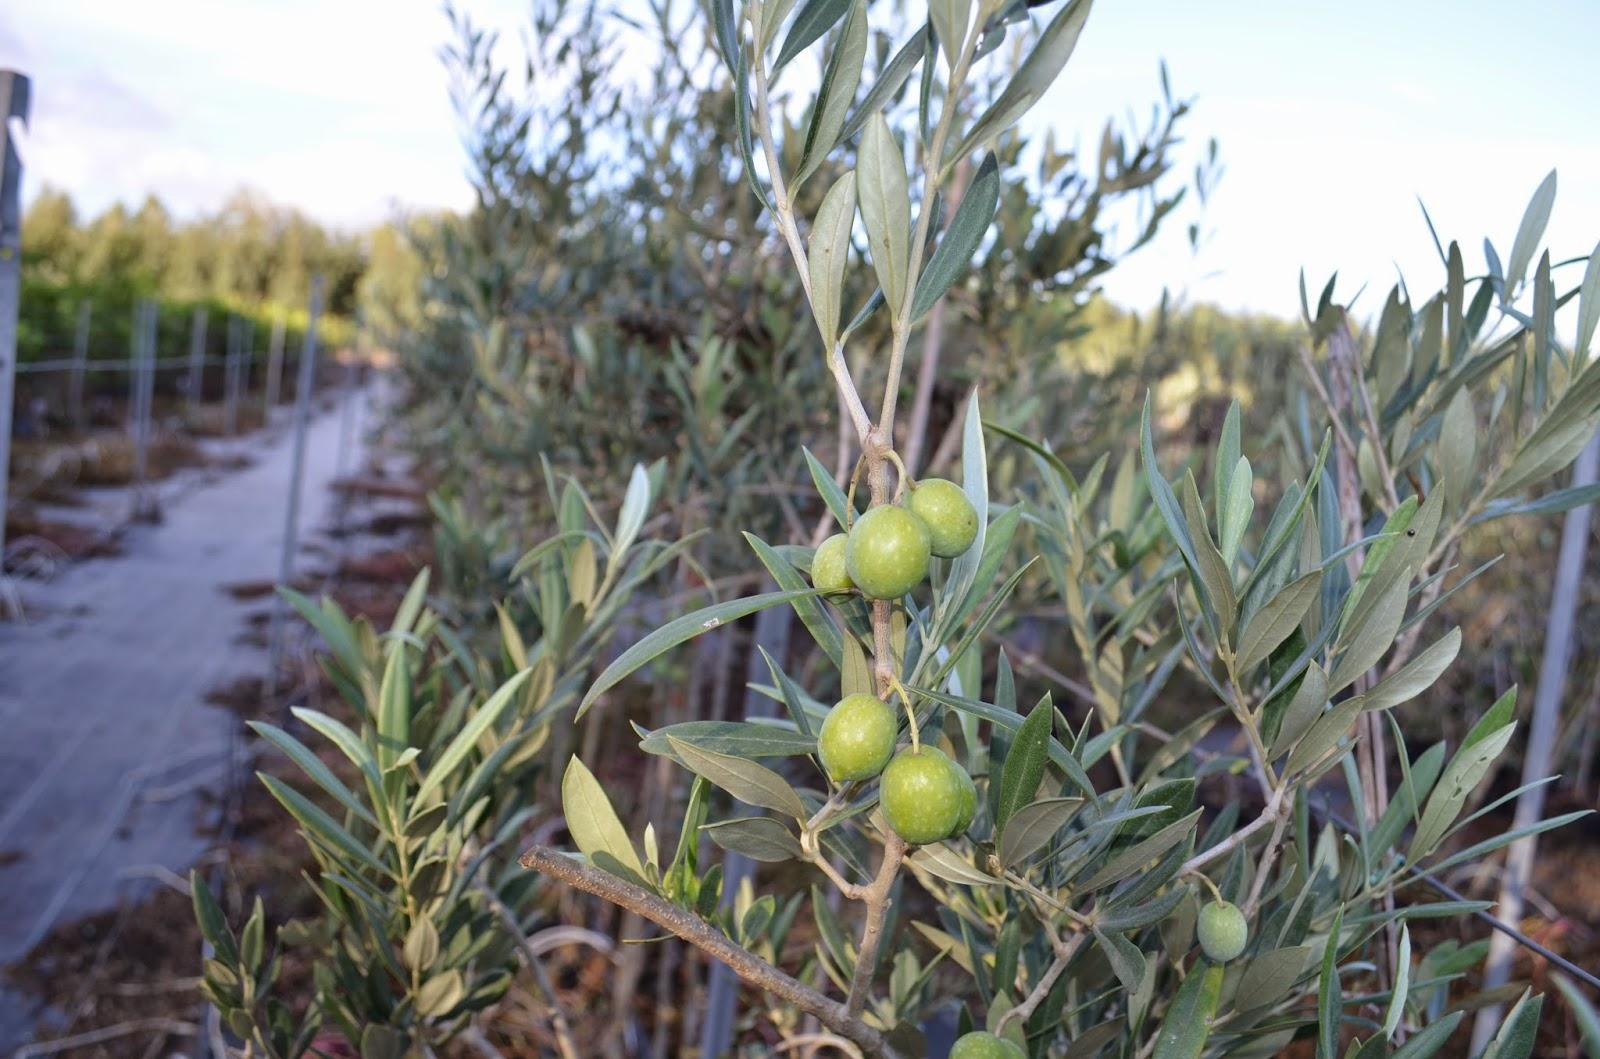 Piante fiori sementi sardegna vendita ingrosso e for Vendita piante ulivo